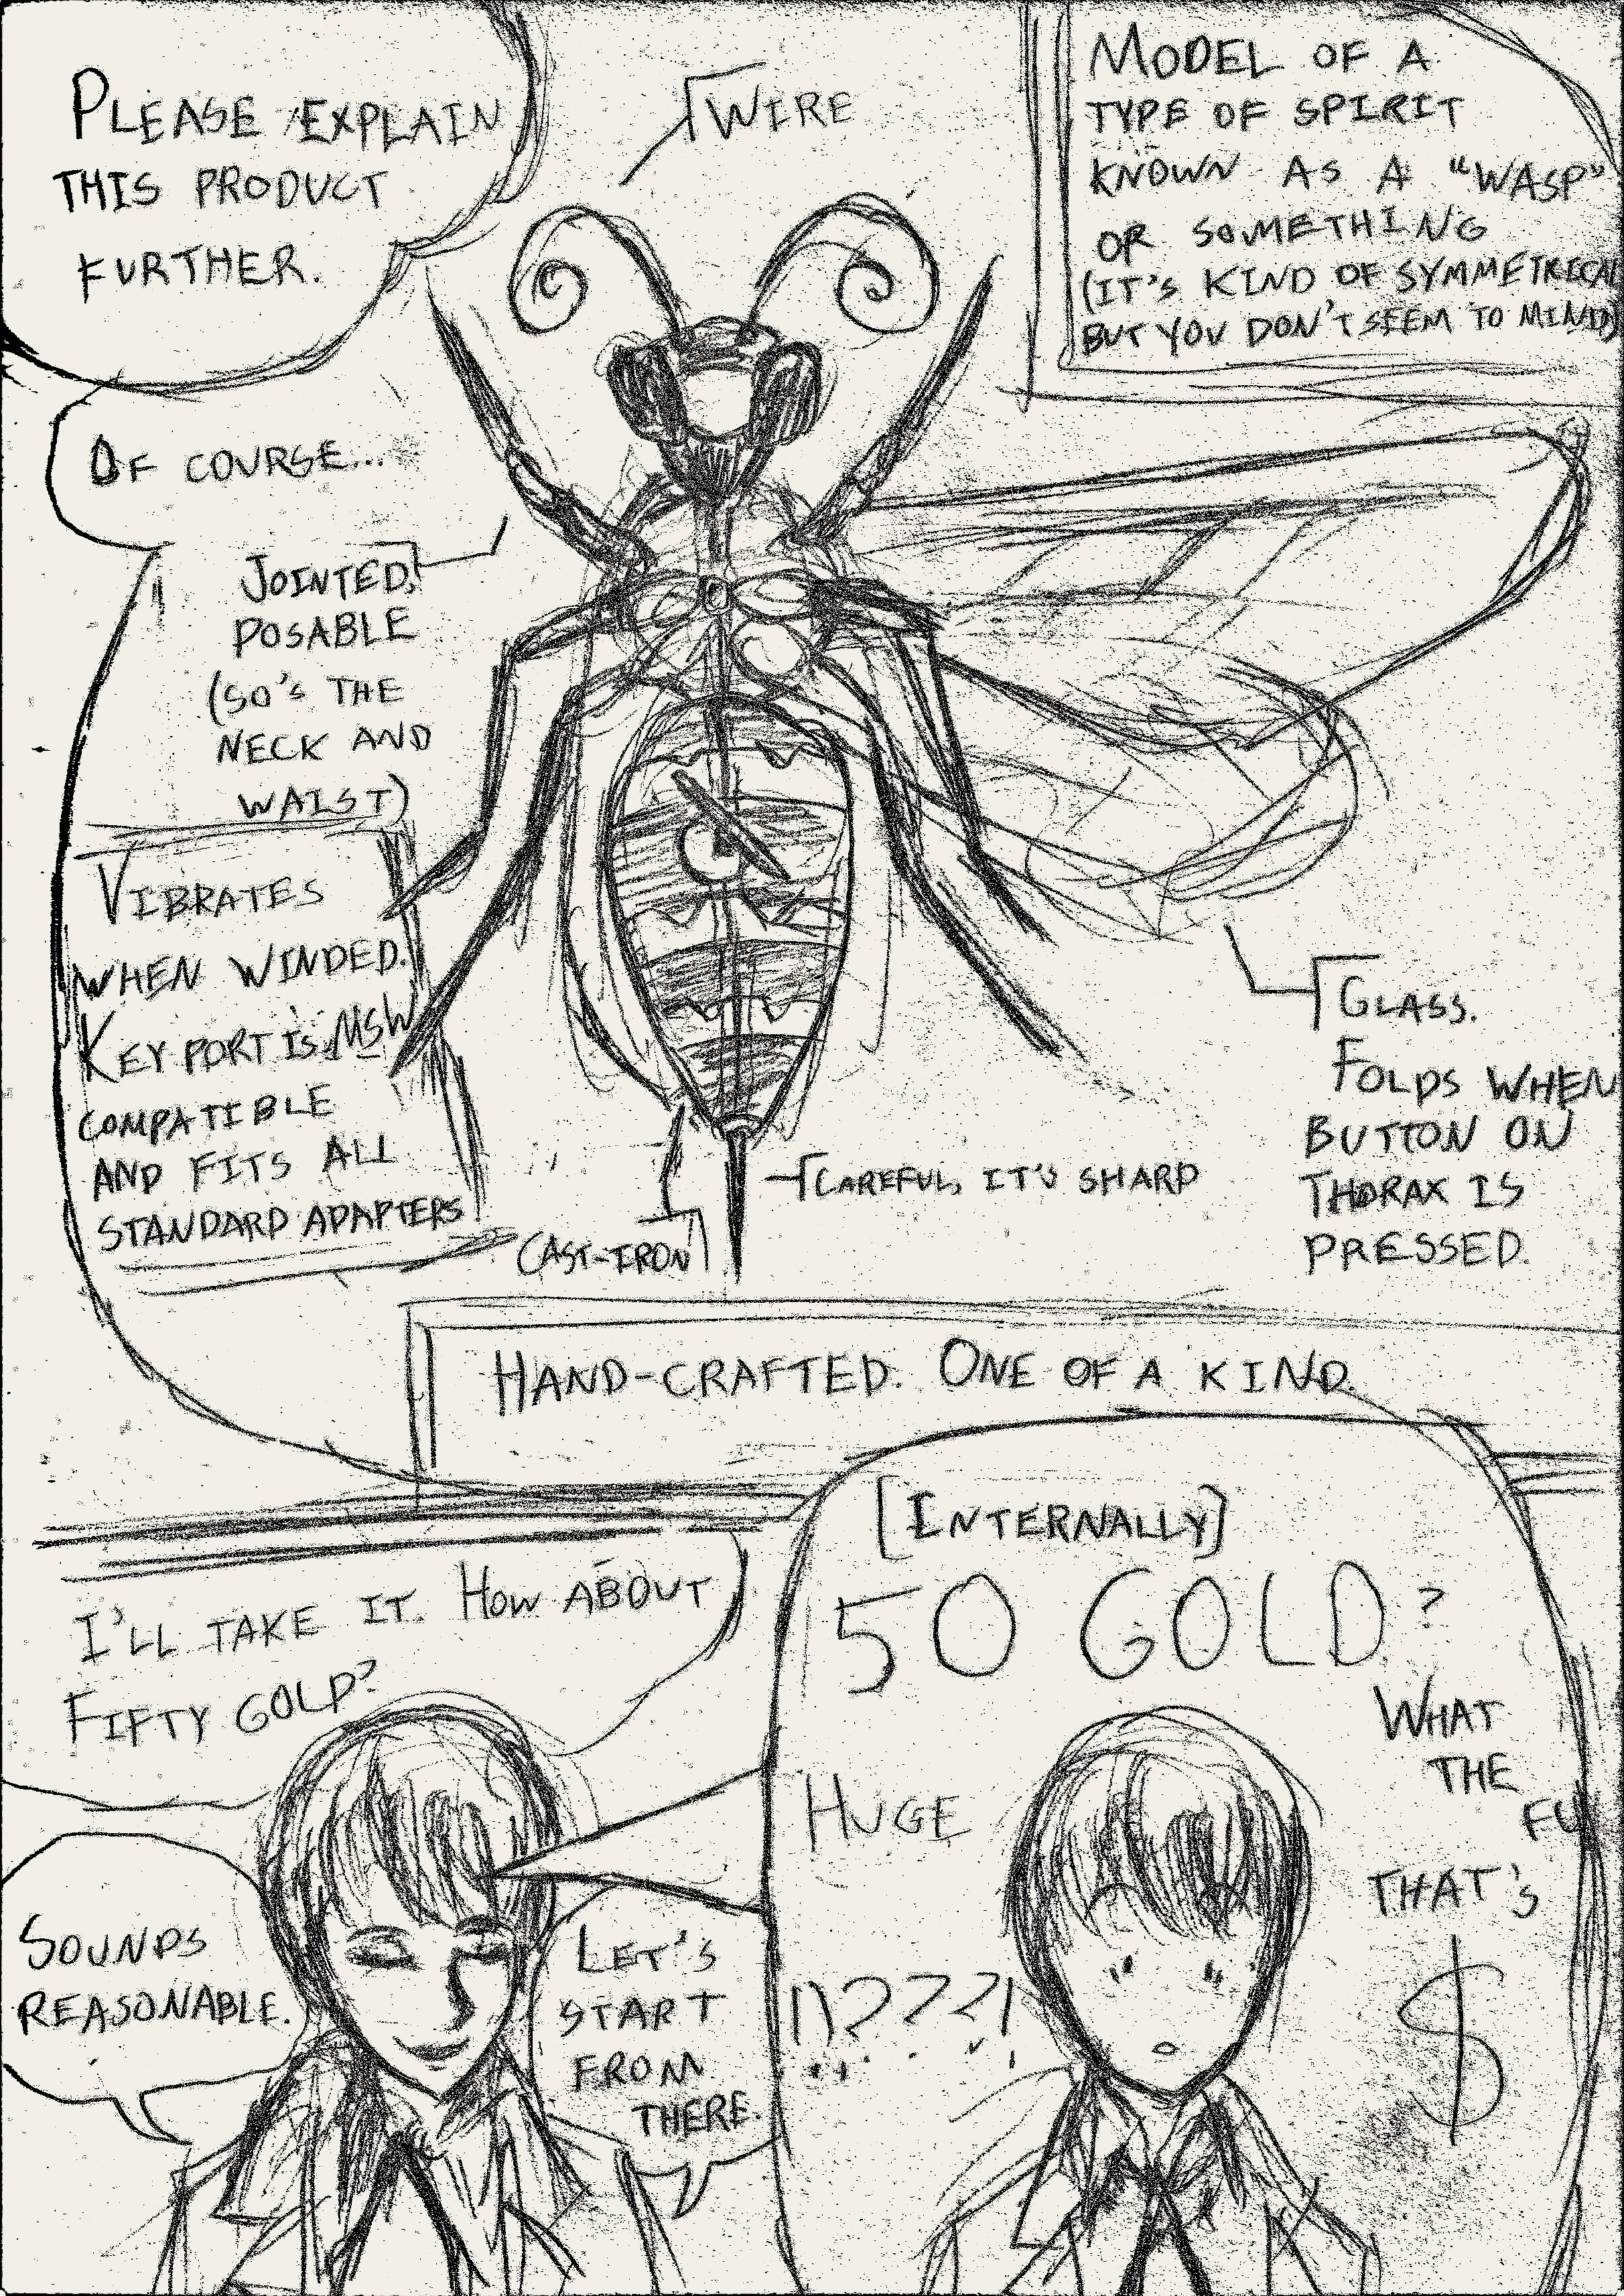 4. Wasp